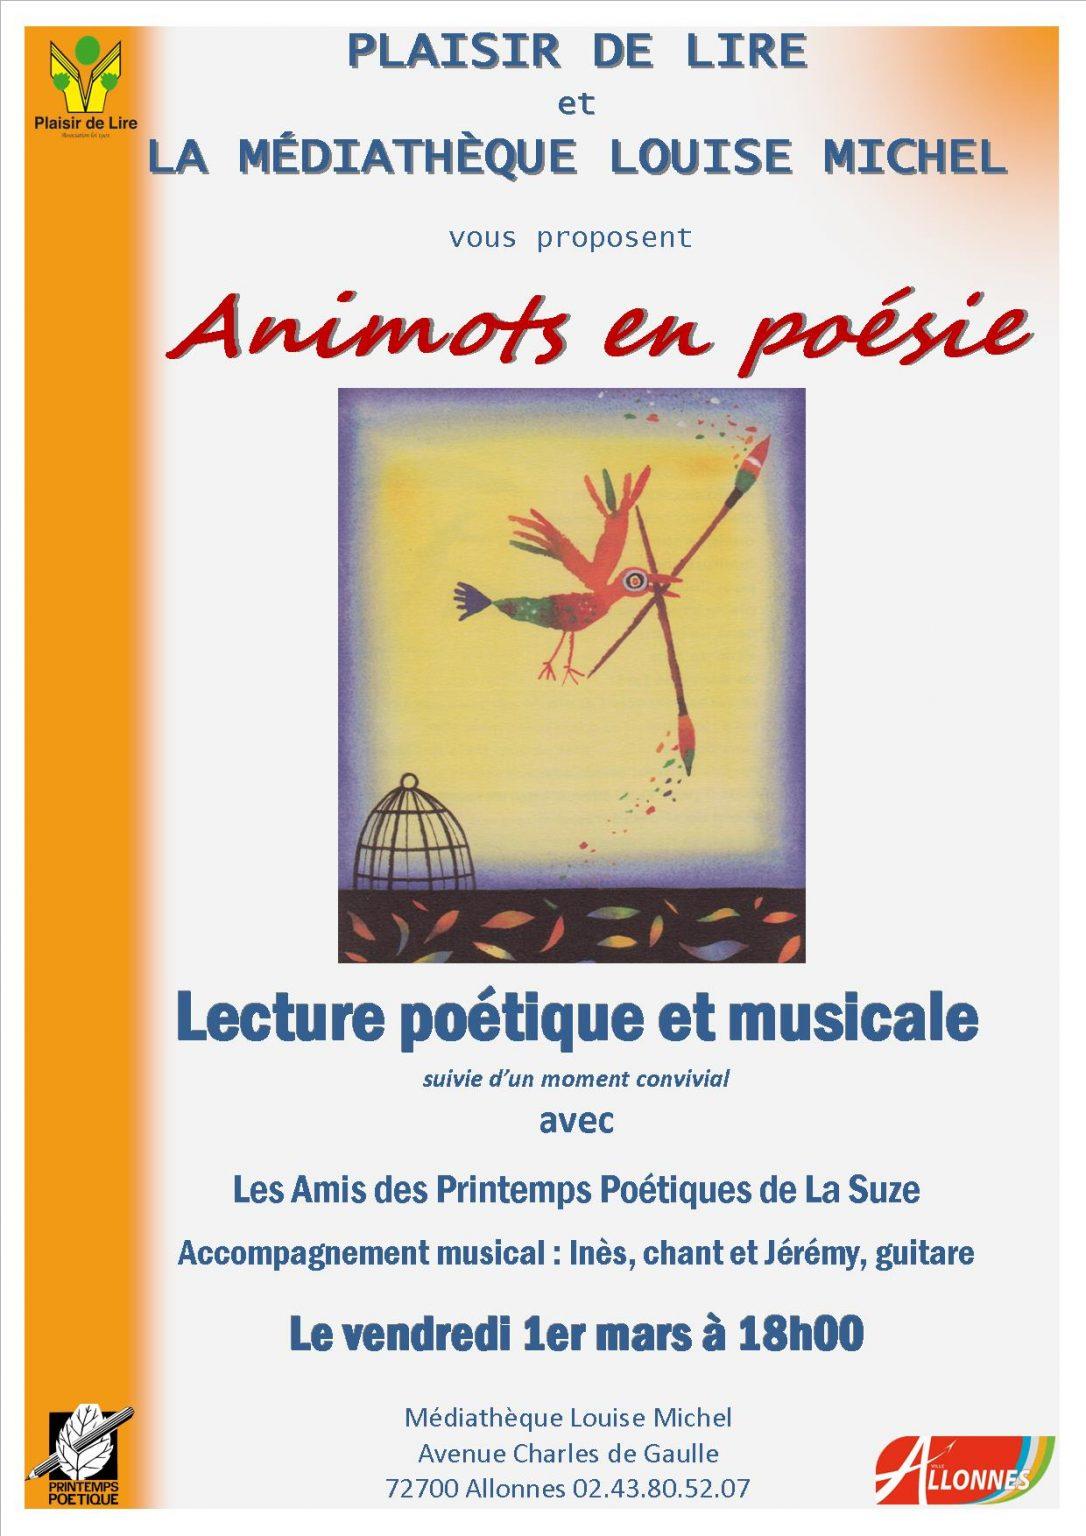 Affiche-lecture-1er-mars-2019-ALLONNES-c